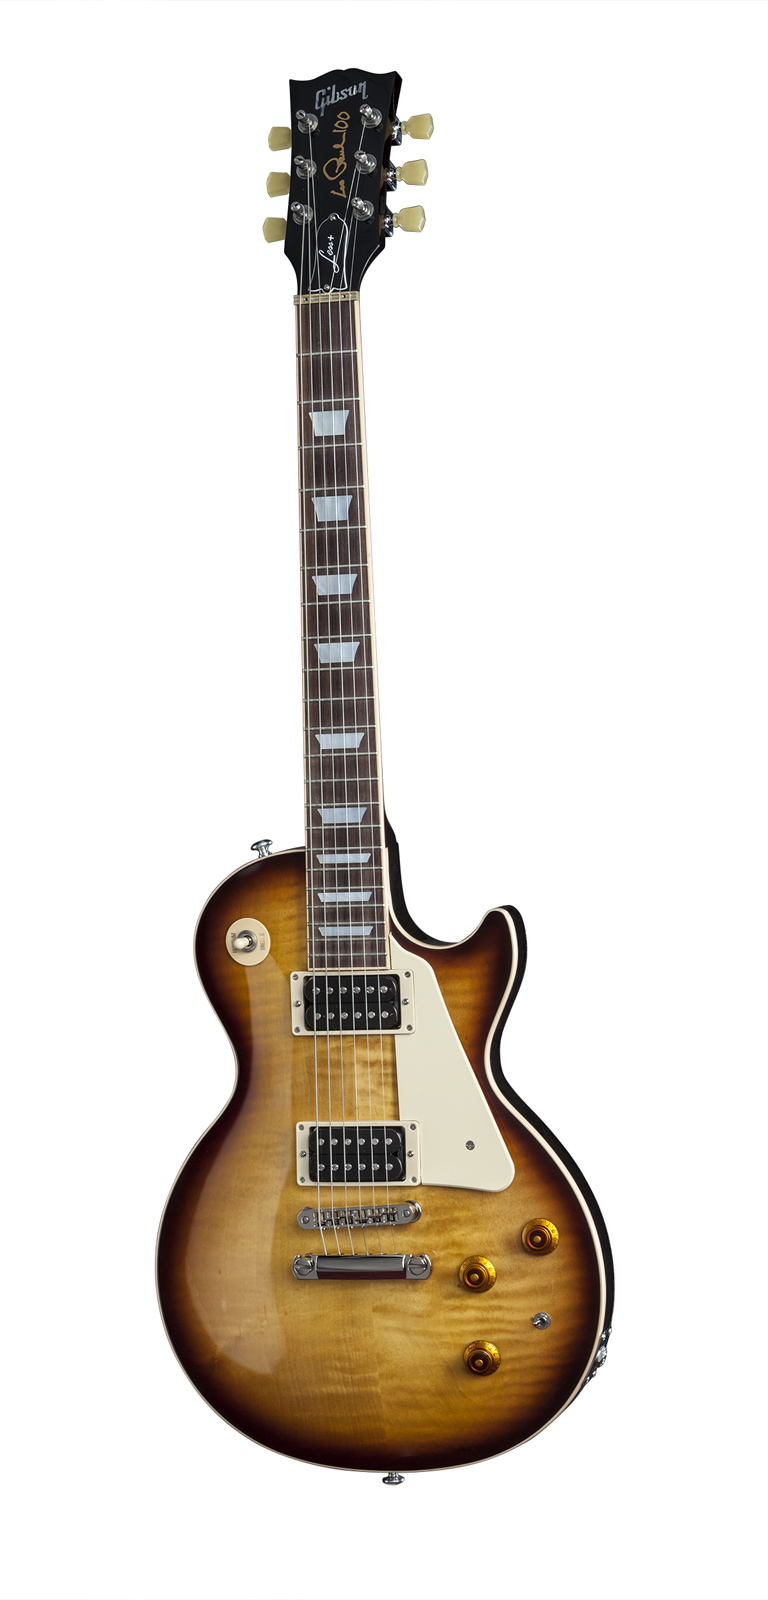 Gibson Les Paul Lp Less + 2015 Desert Burst + Etui